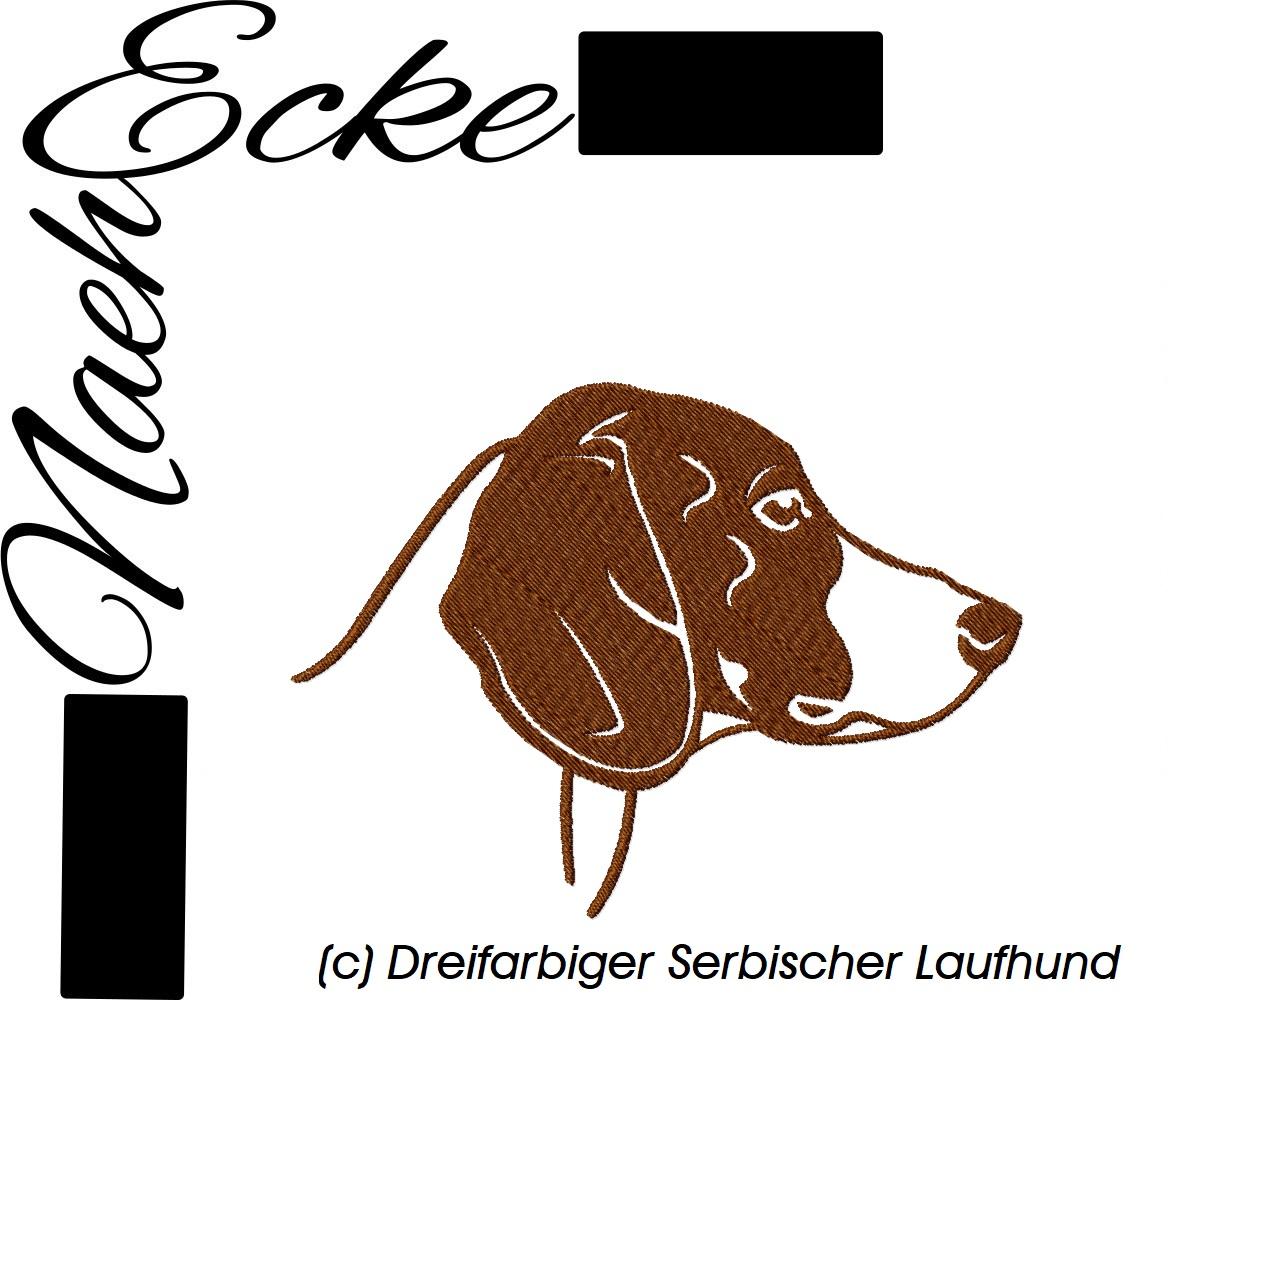 Dreifarbiger Serbischer Laufhund